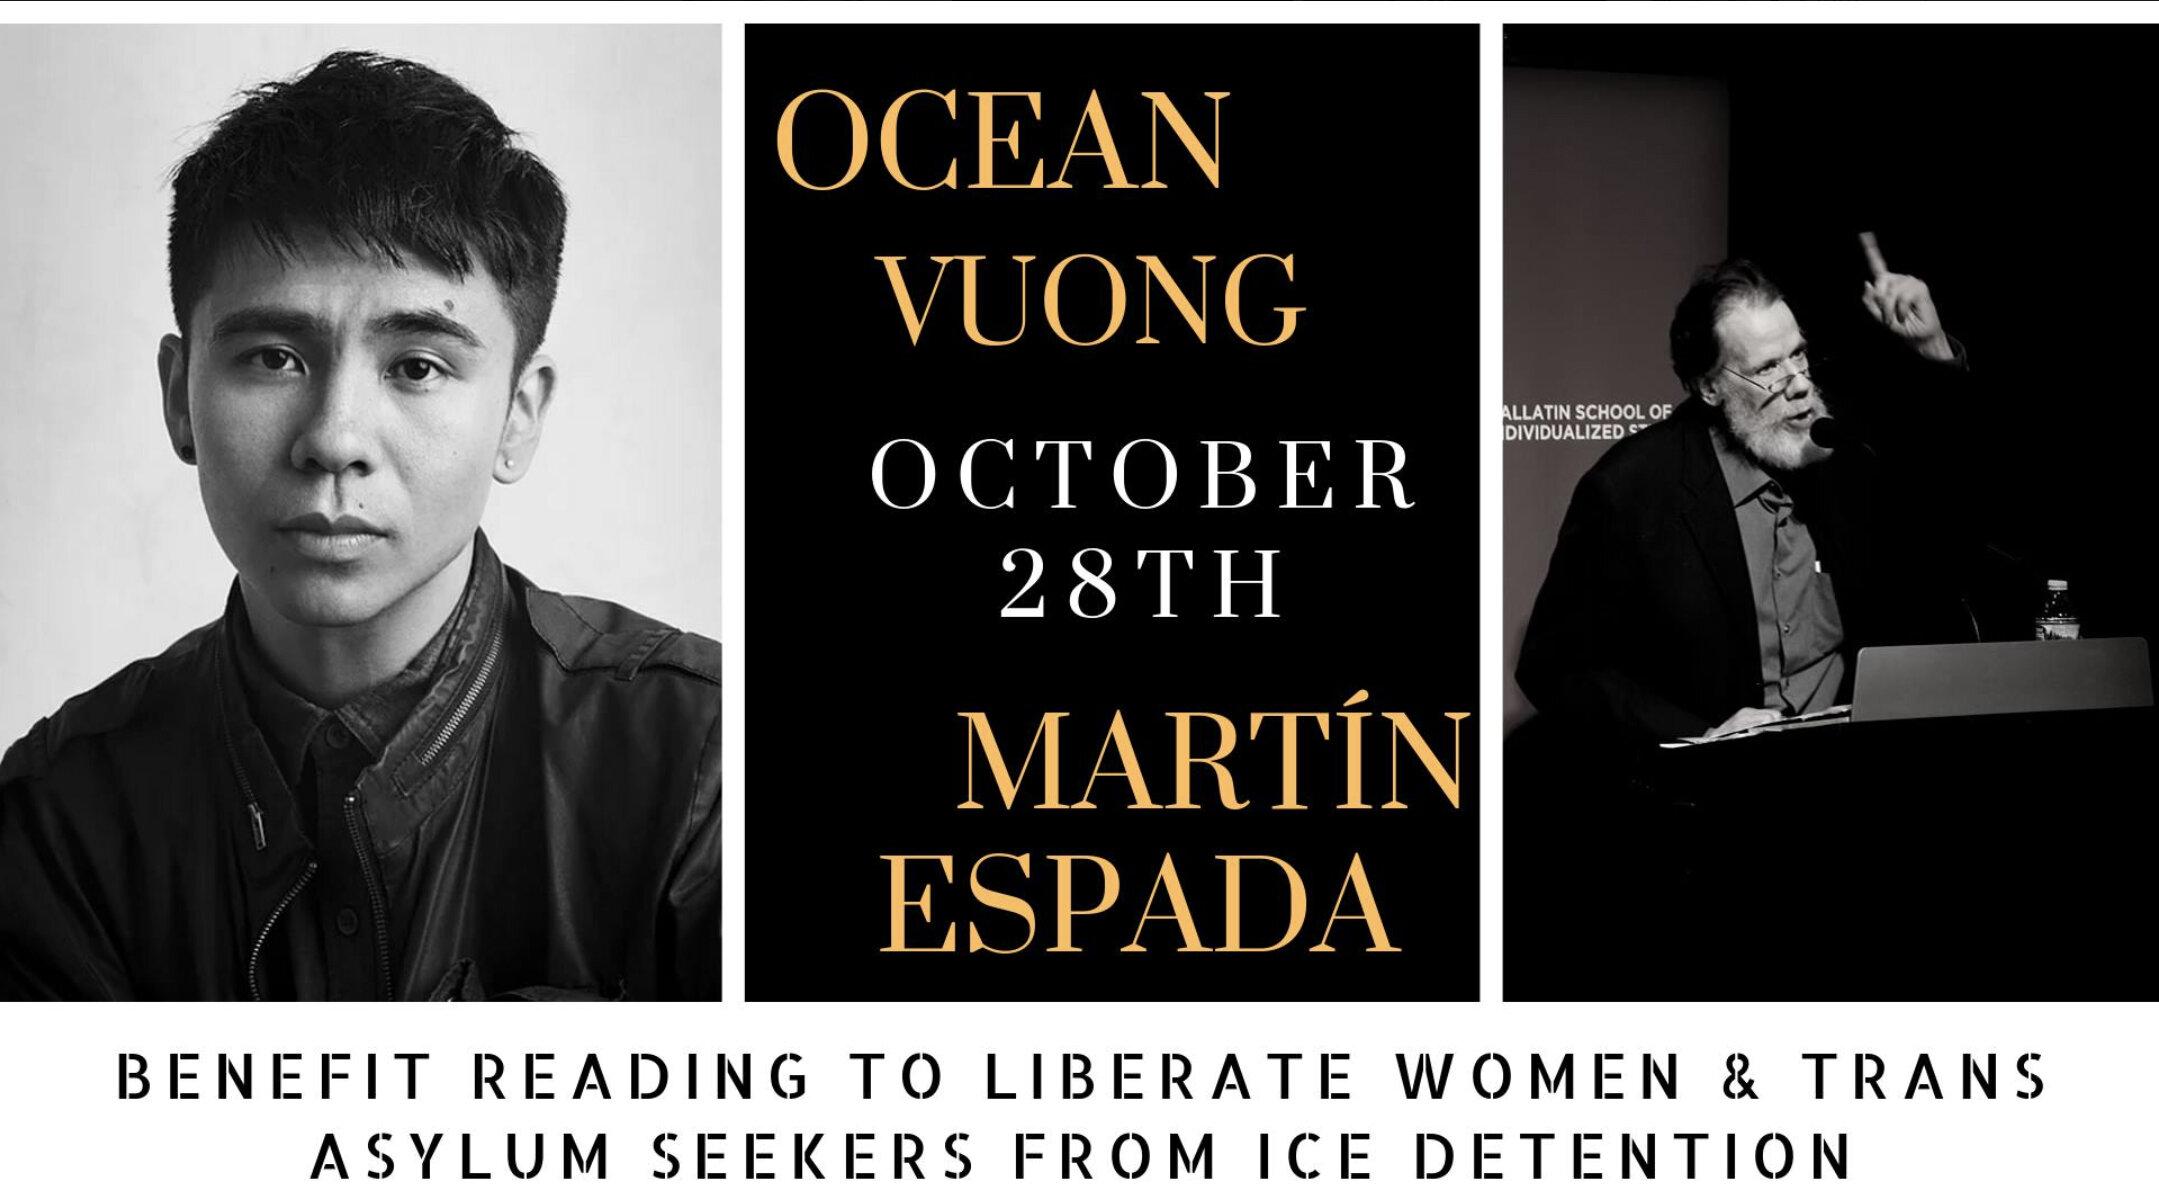 Ocean Vuong and Martin Espada image.jpg